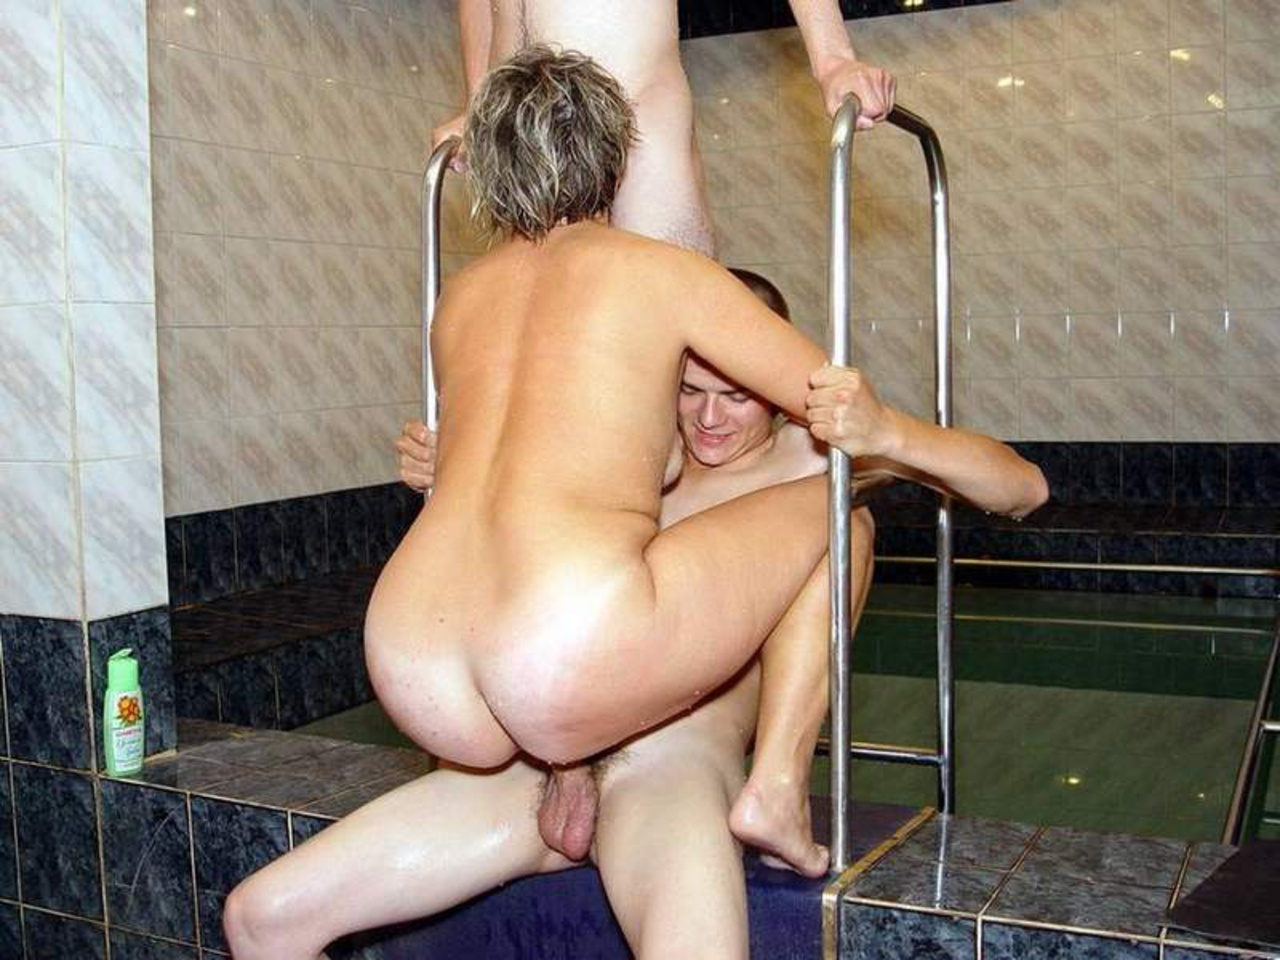 Фото ню сын с мамой в бане, Мамка с роскошным телом парится в бане - порно фото 10 фотография